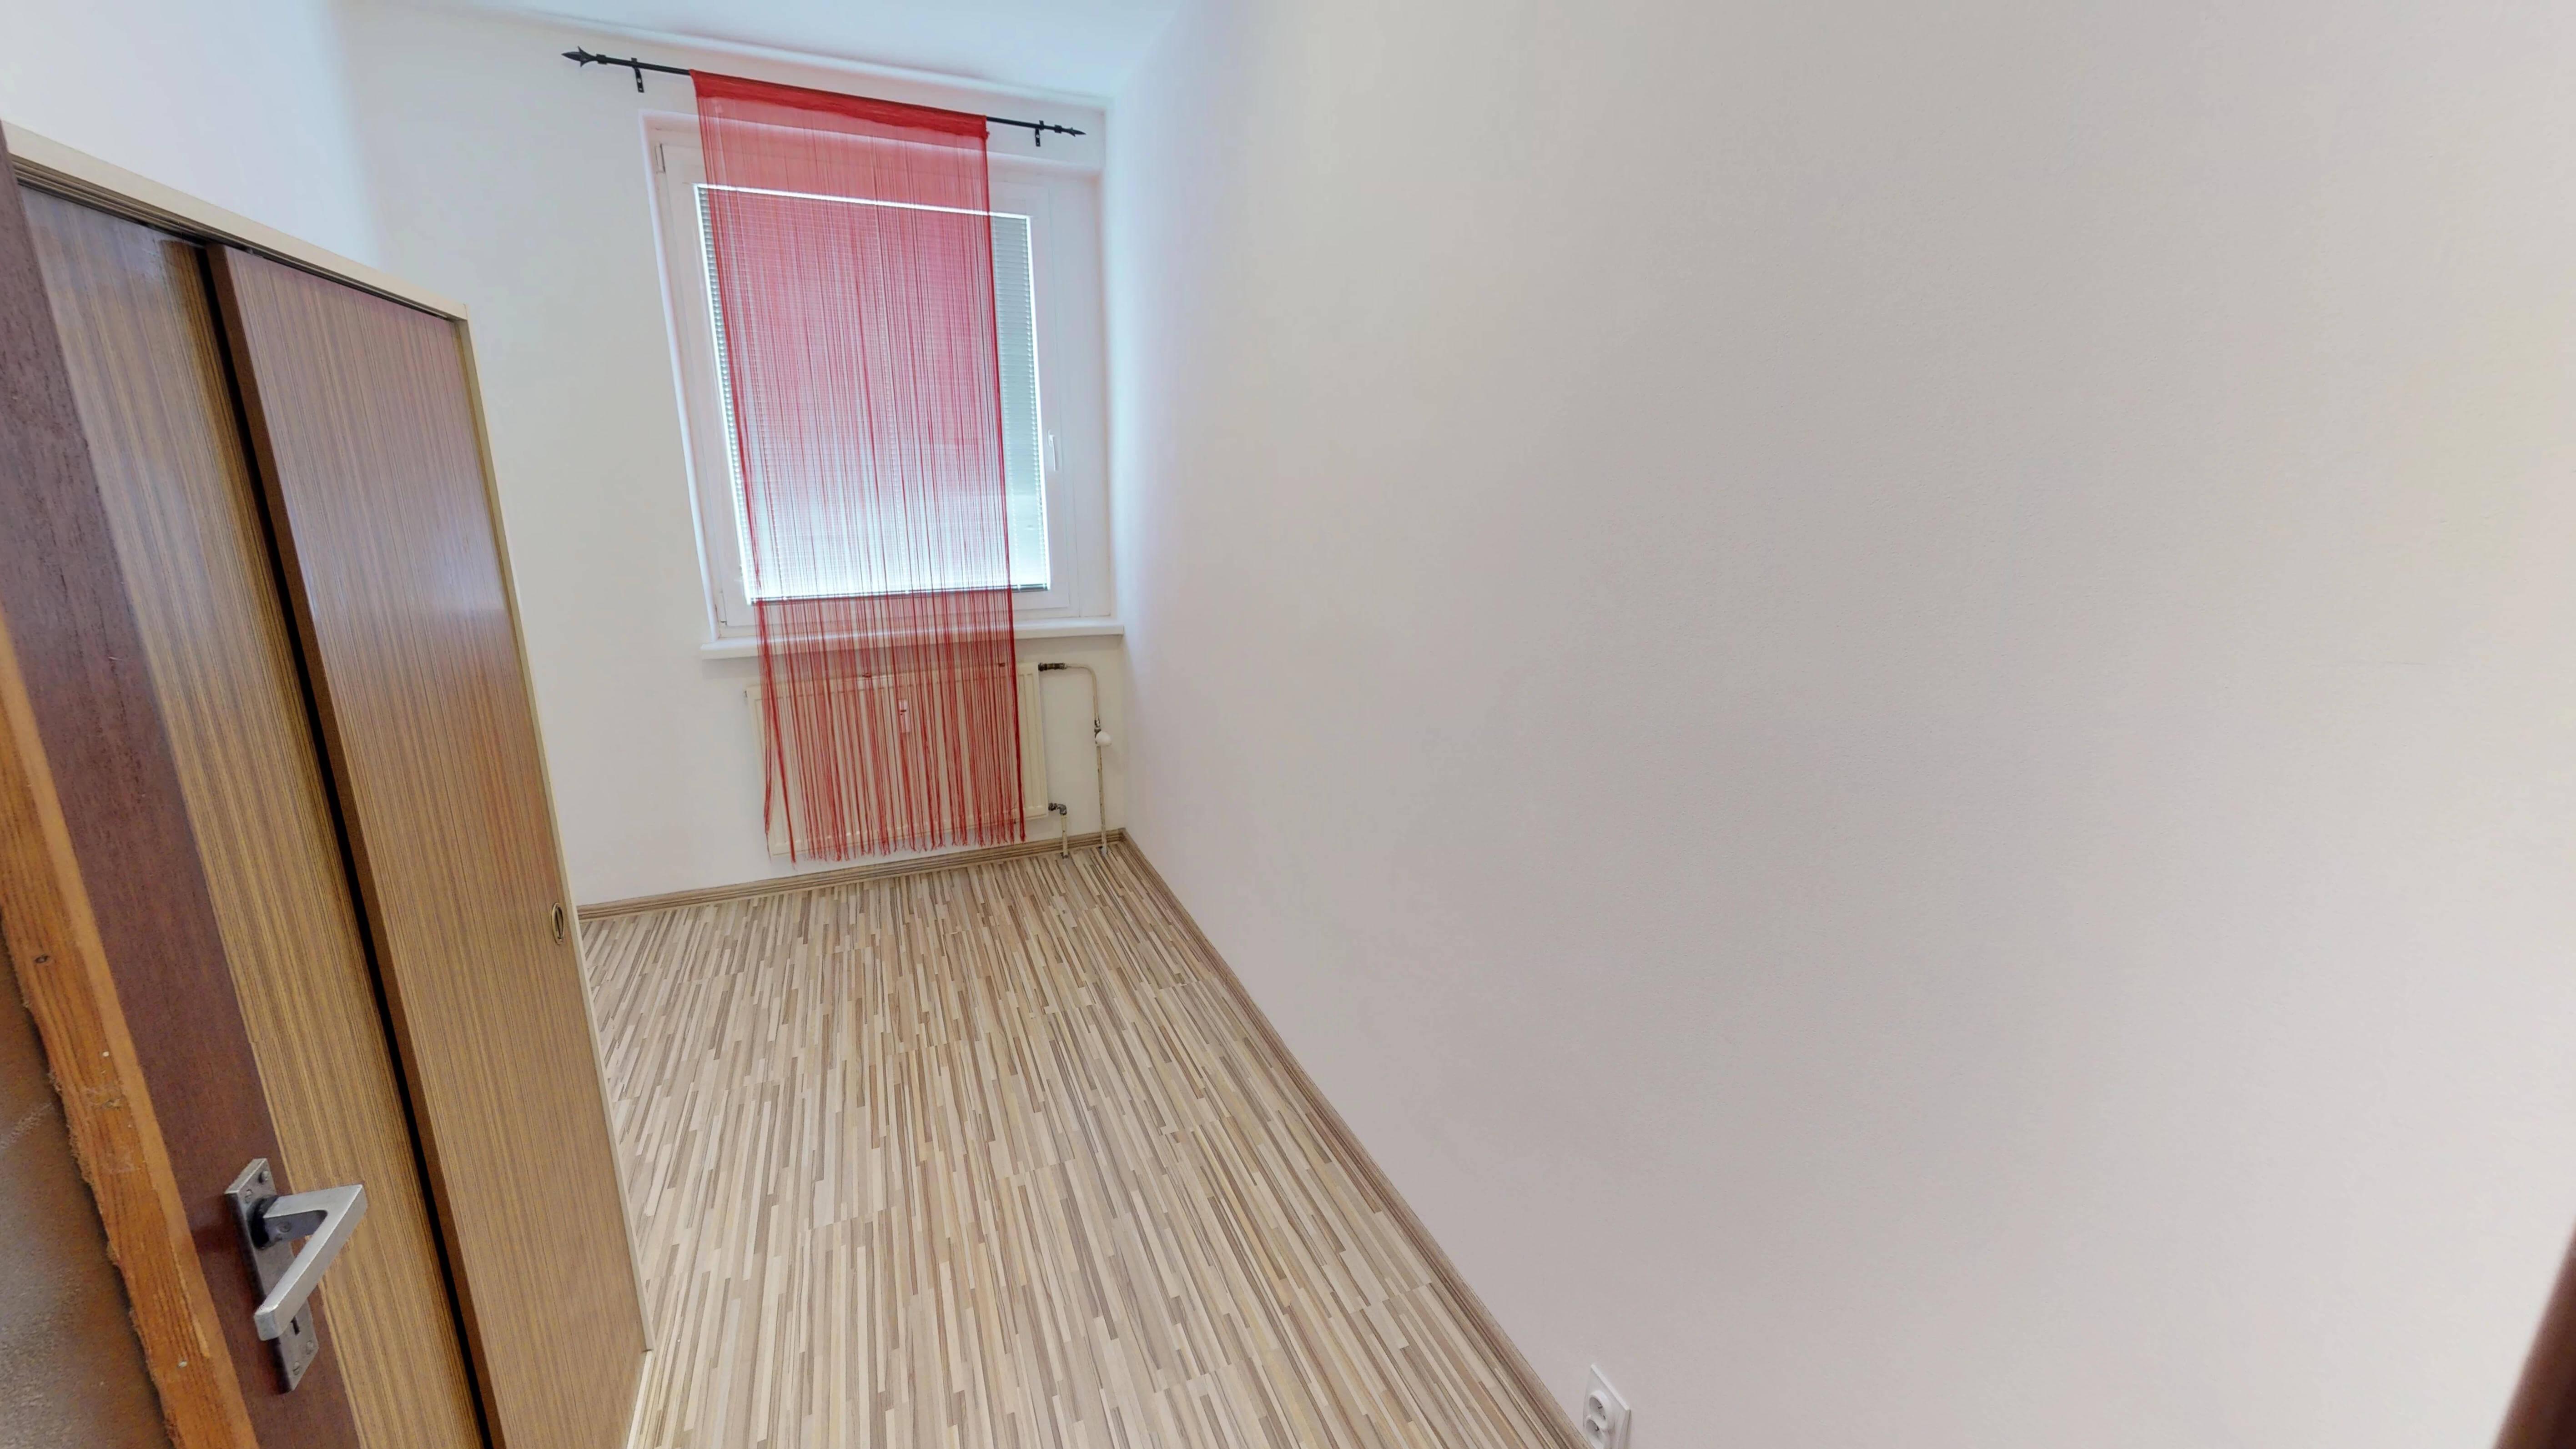 Predaný 3 izbový byt s dvoma loggiami v zrekonštruovanom bytovom dome-5